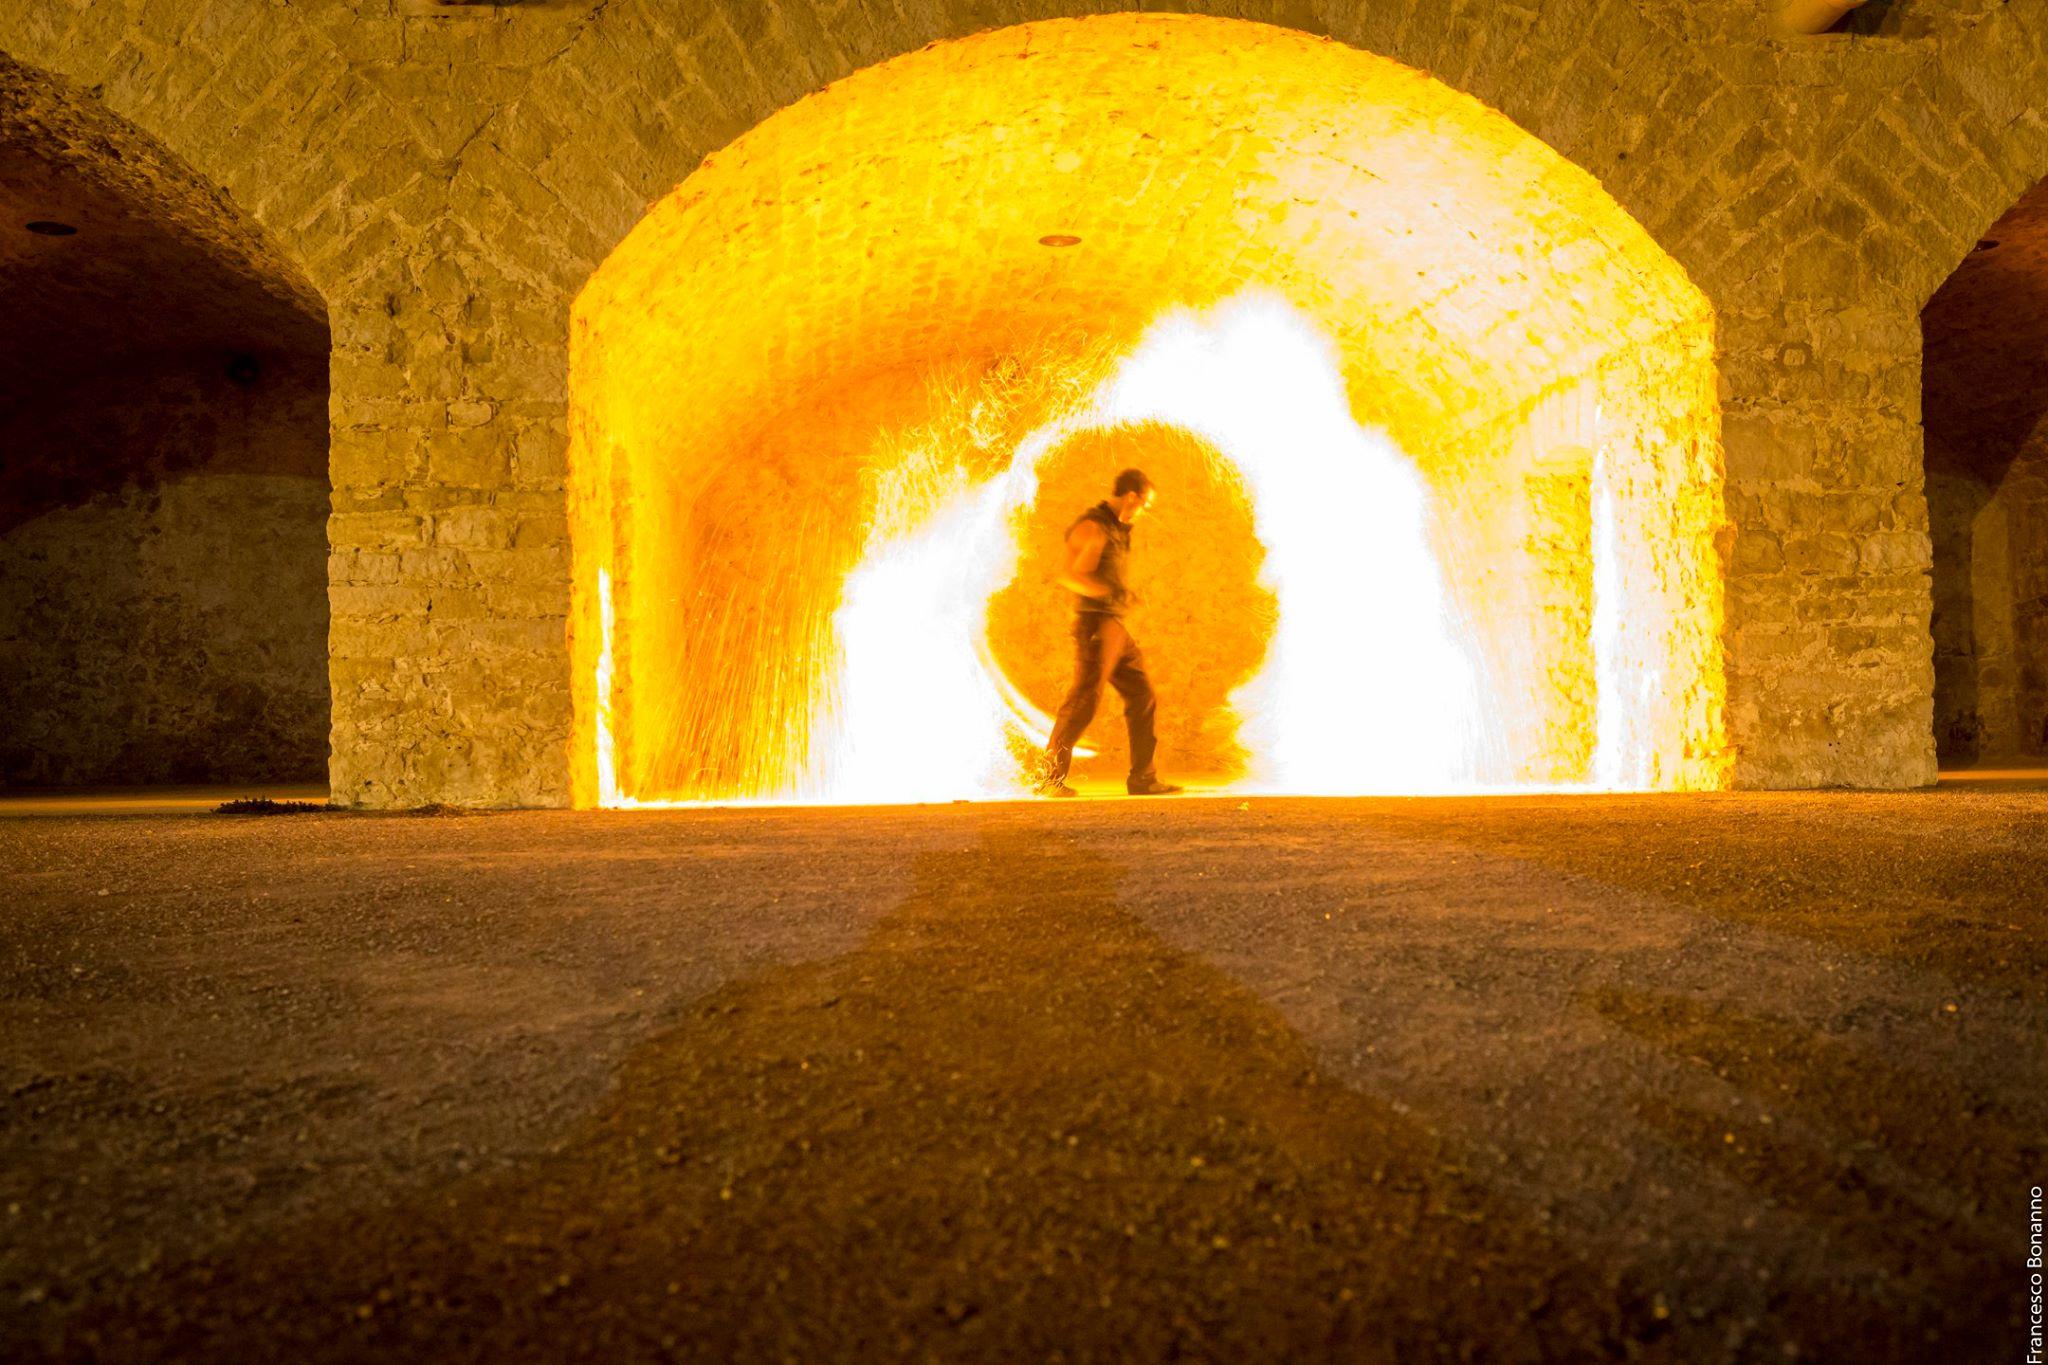 Compagnie Arteflammes Cie, art et flammes, artistes, et spectacle de rue, spectacle de feu, fire show, spectacle pyrotechnique, pyrotechnie, événementiel, event performer, performeur